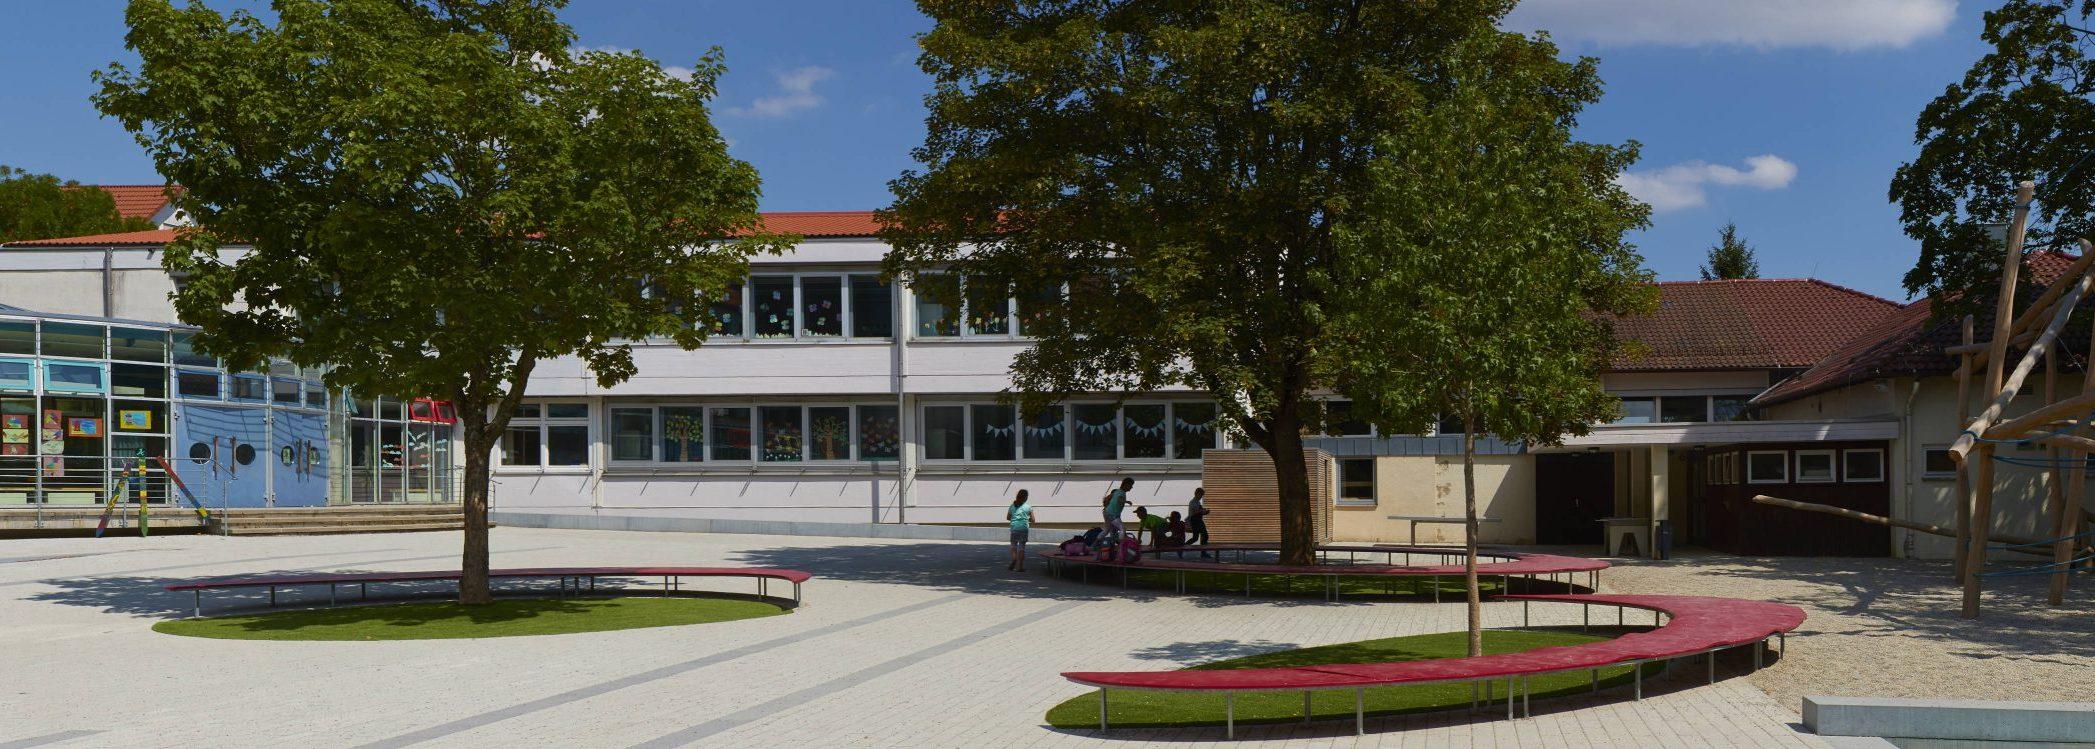 Zeppelinschule